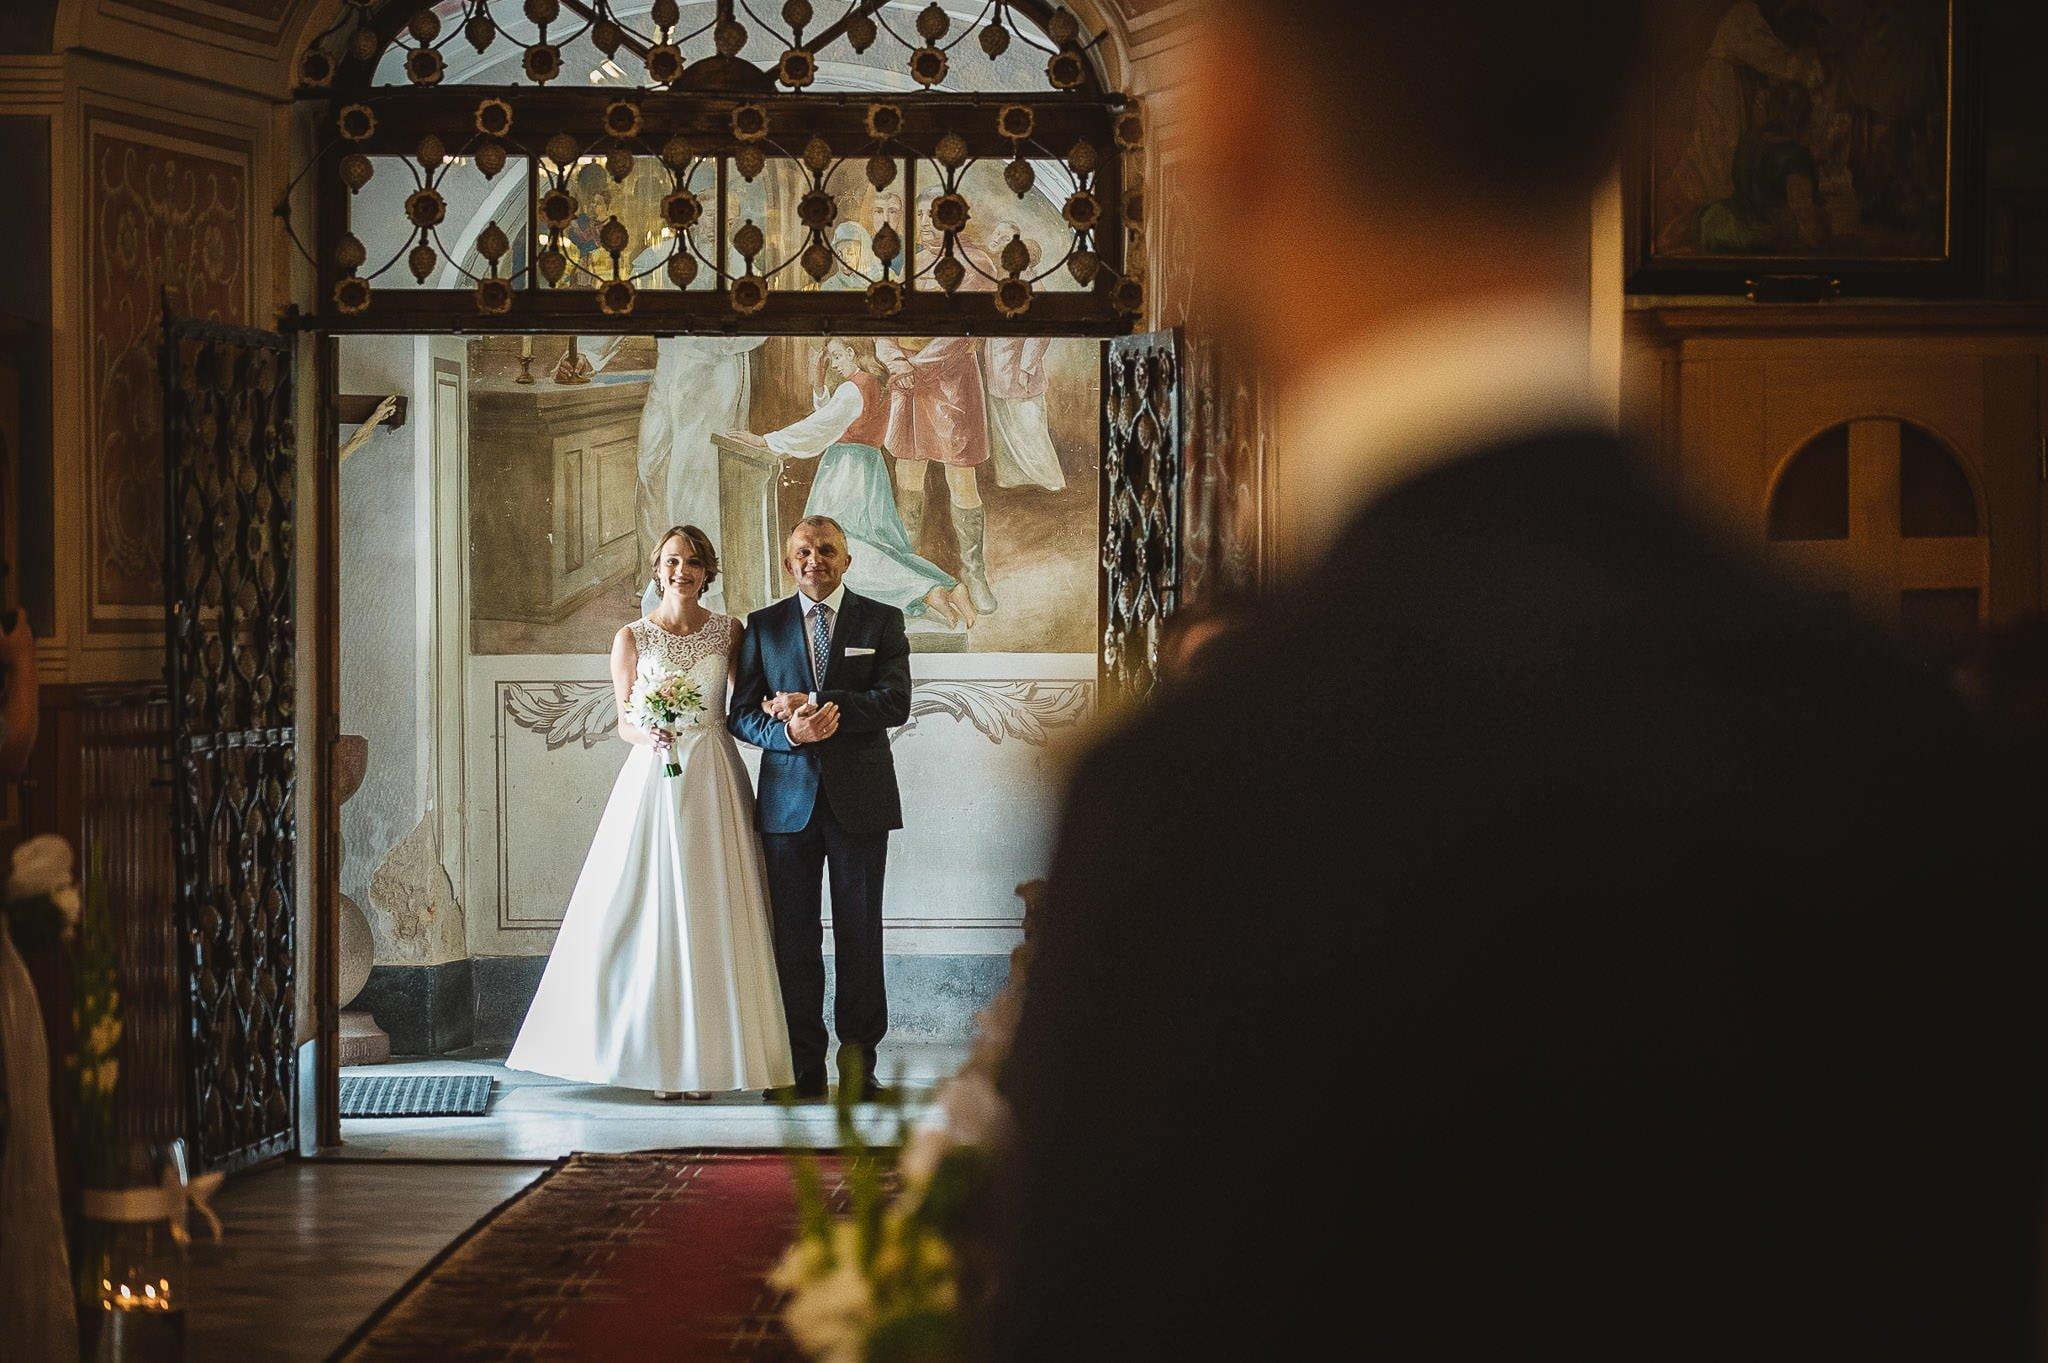 Monika i Michał, wesele w Paryżu i sesja plenerowa w stadninie koni w Czołowie 100